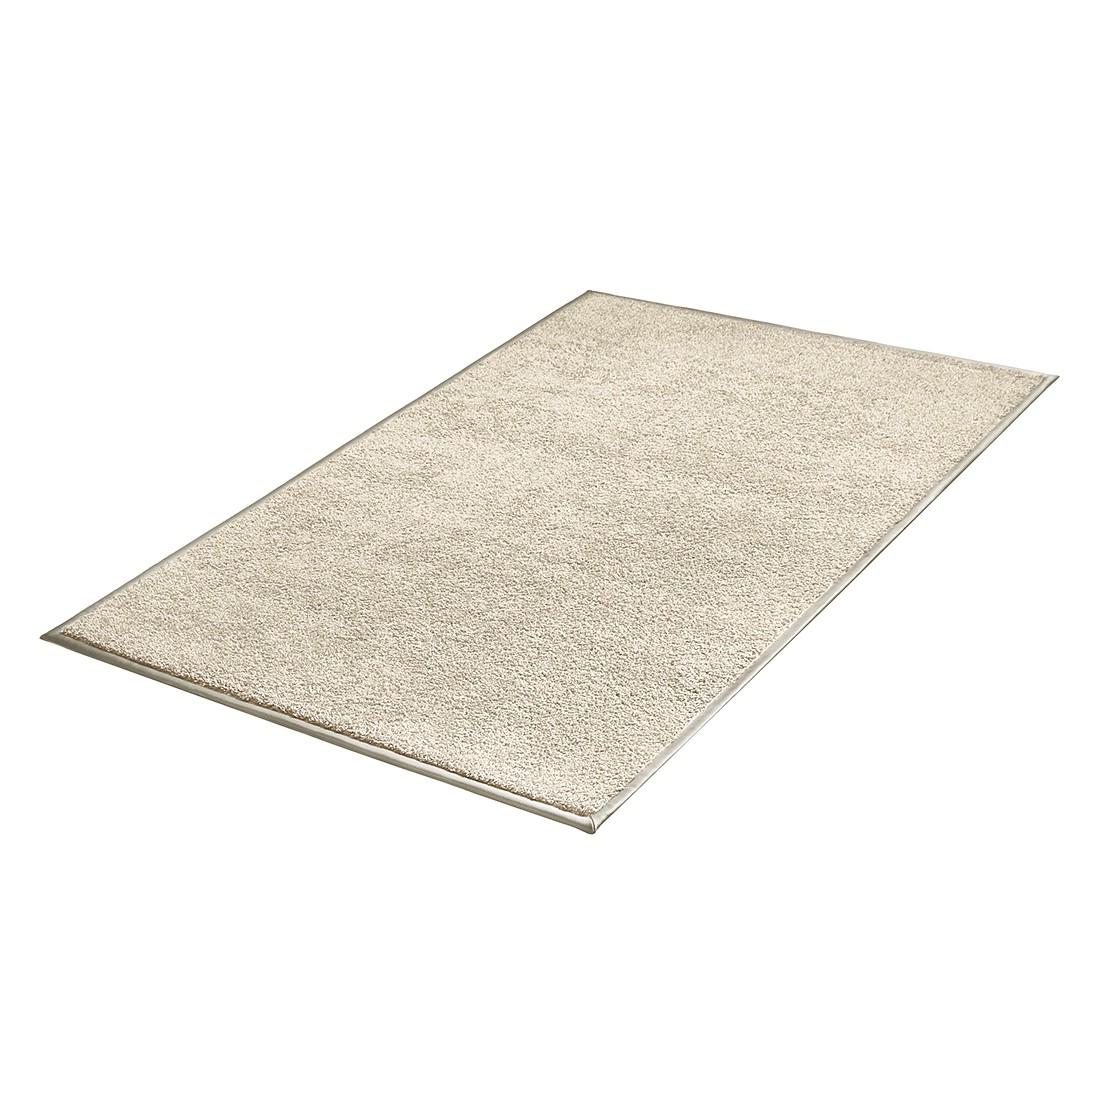 Teppich Noblesse Exclusiv – Beige – 67 x 133 cm, DEKOWE jetzt bestellen